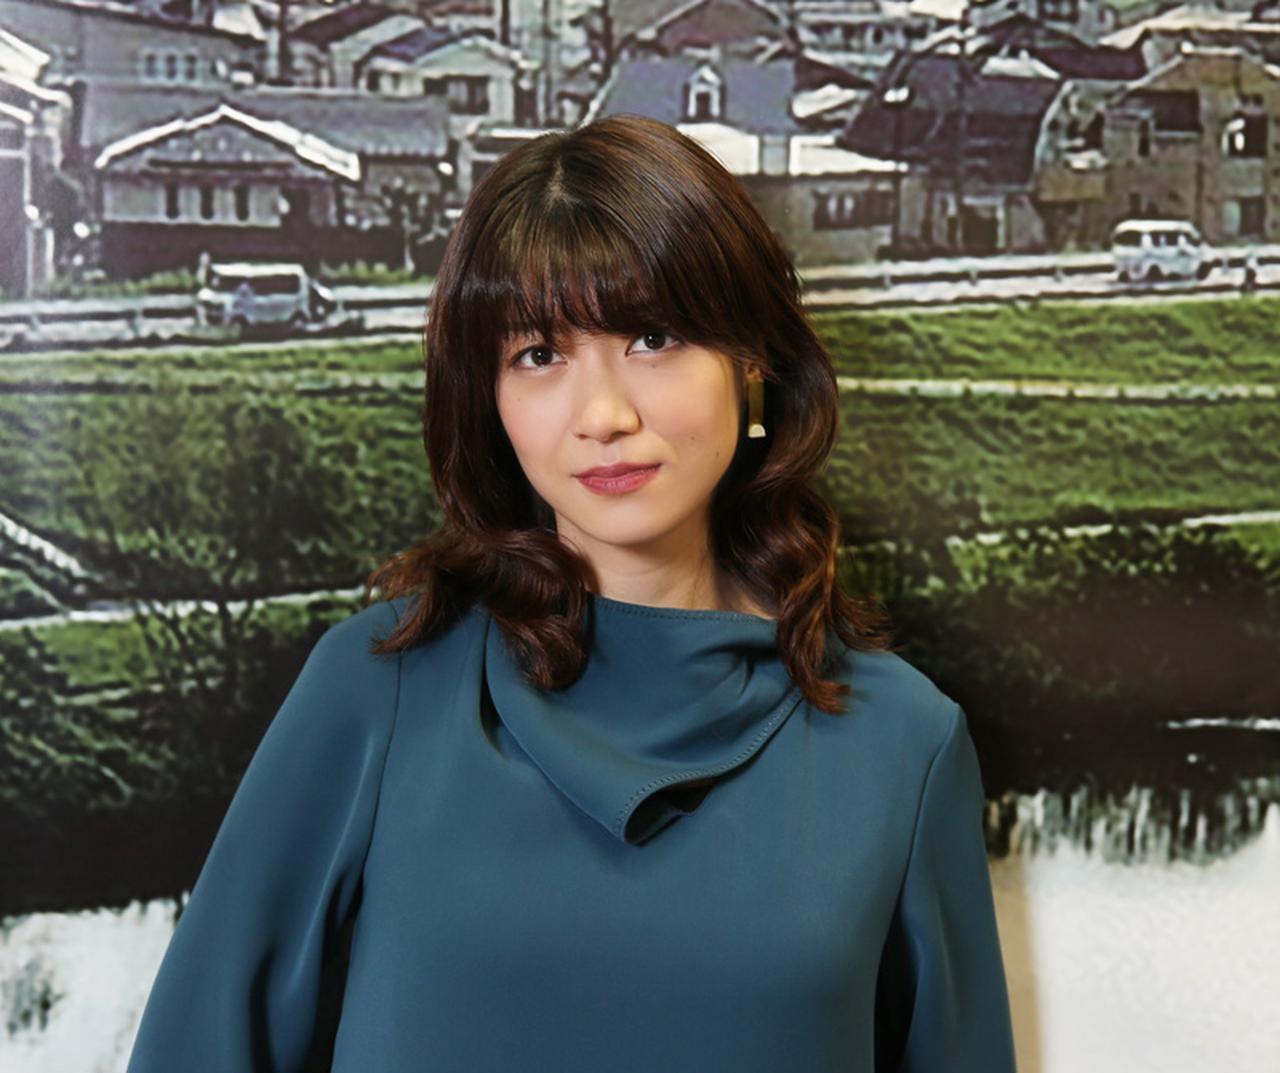 画像2: 松林うらら企画・プロデュース作『蒲田前奏曲』、いよいよ9月25日に公開。「想いが込められた作品ですけど、ライトに楽しく観られる仕上がりになっています」(瀧内)